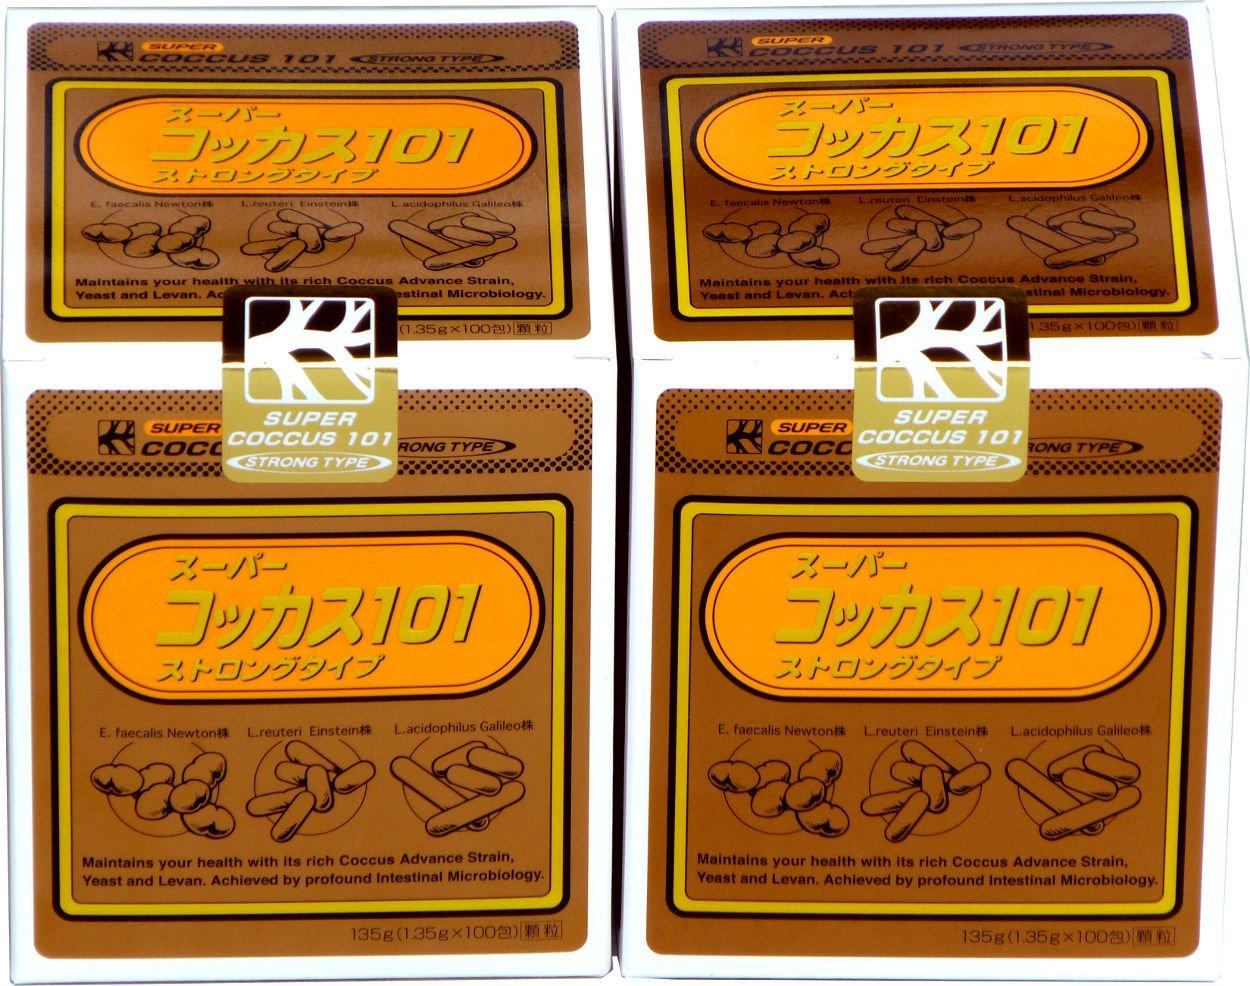 スーパー コッカス101 ストロングタイプ 2缶 B07D3N4SVB